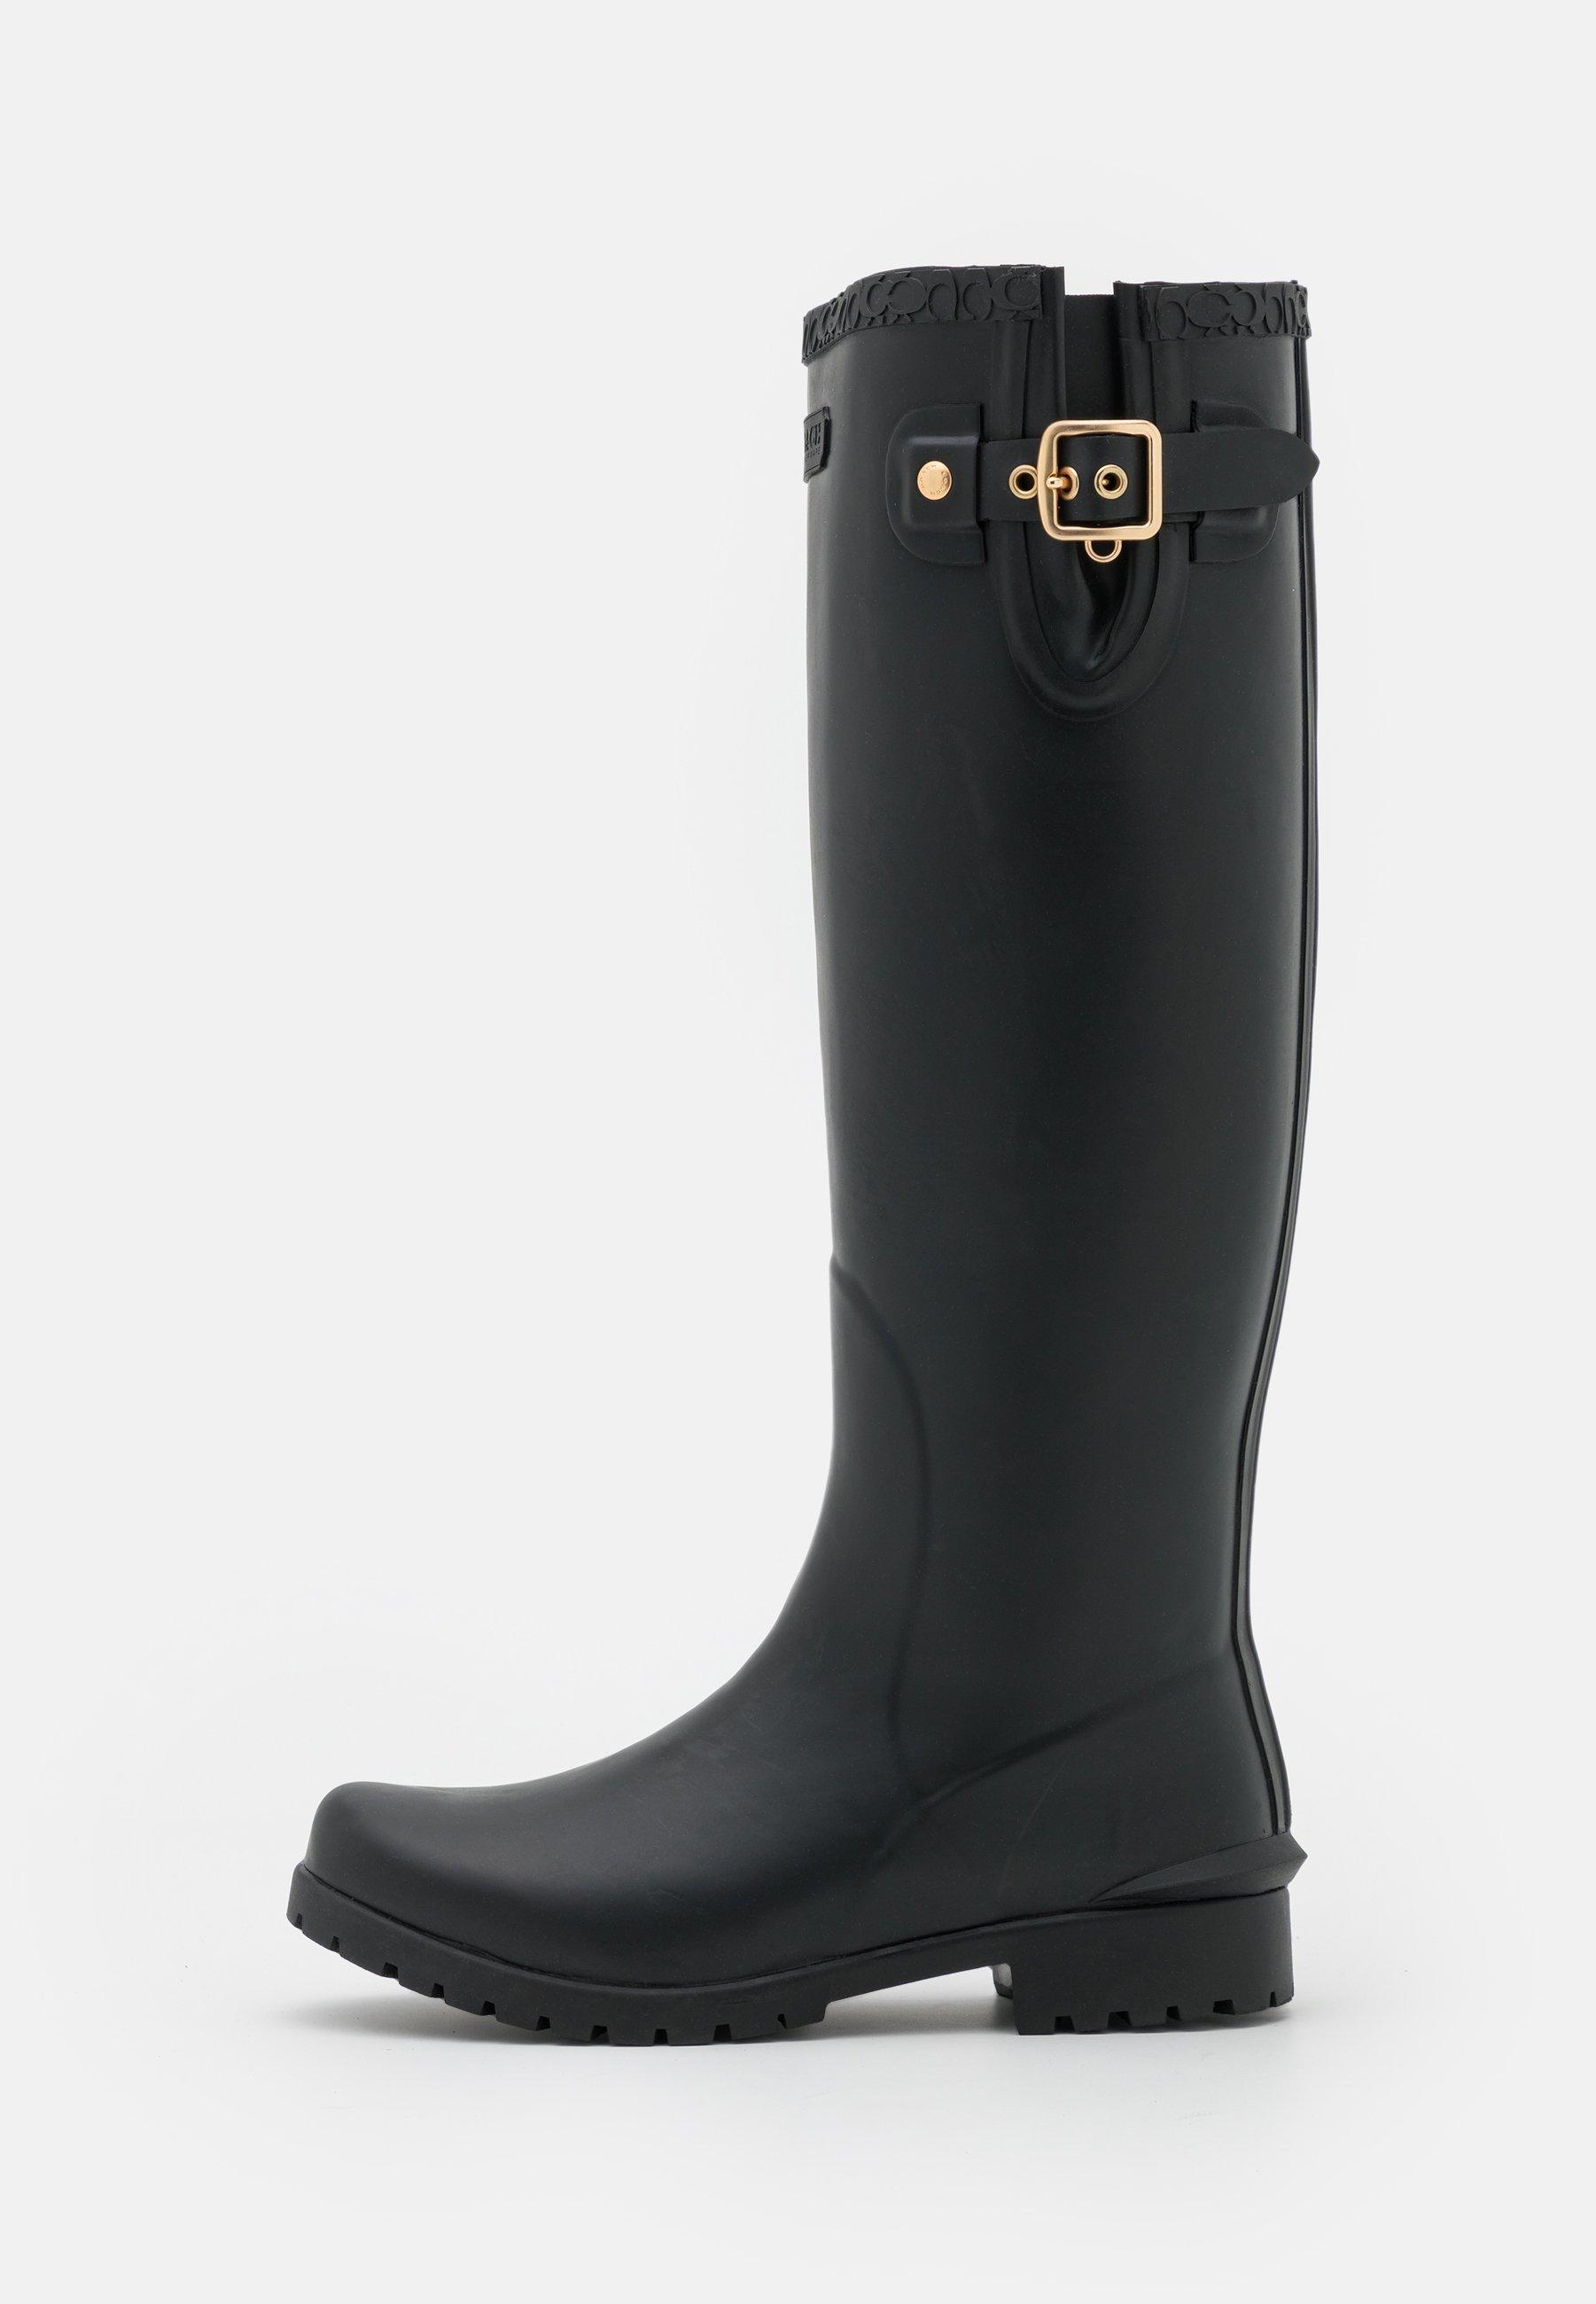 Femme RILEY RAIN BOOT - Bottes en caoutchouc